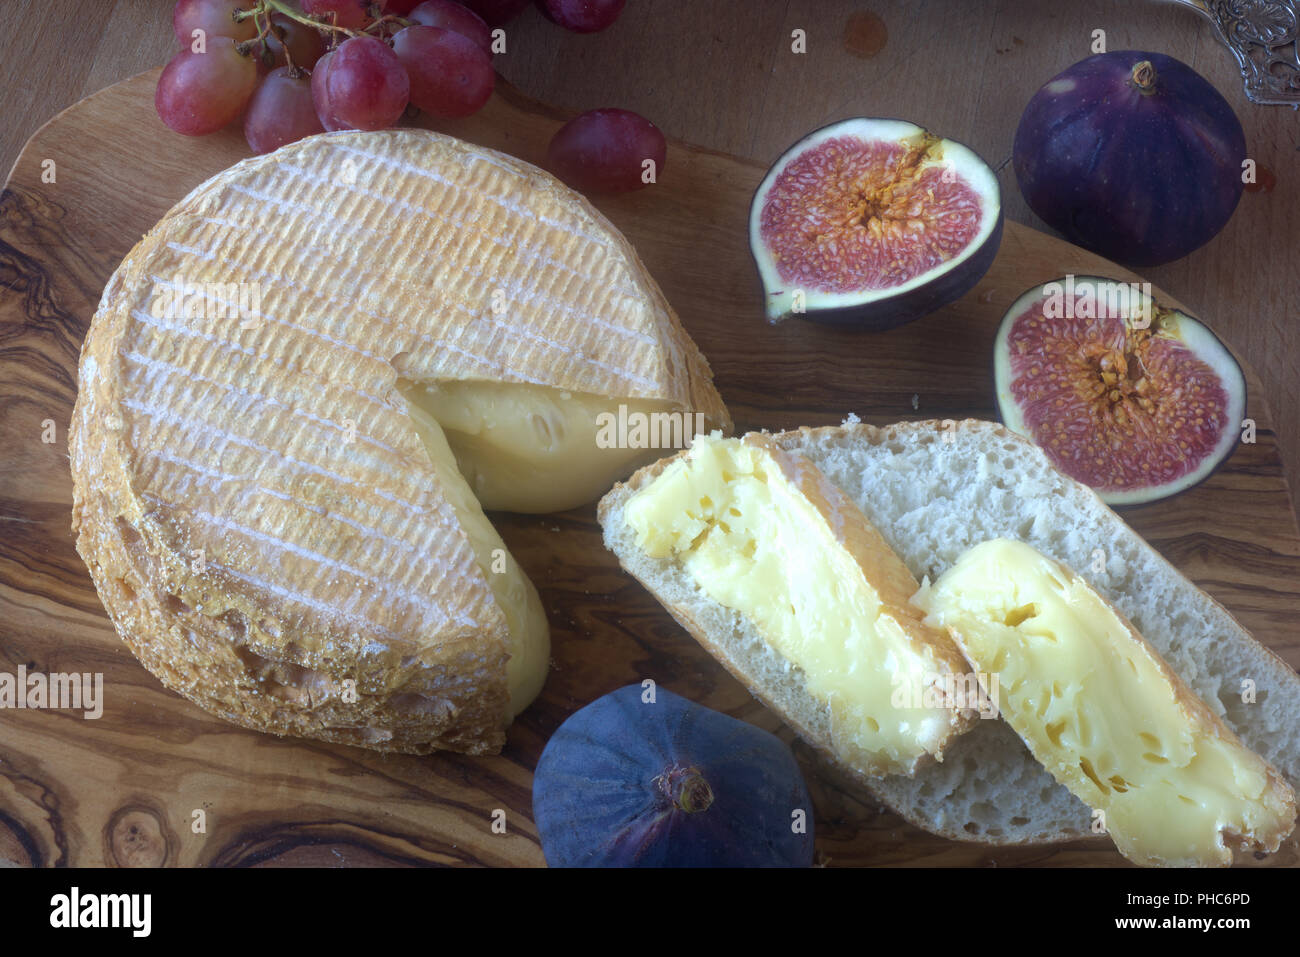 Livarot, fromage français de Normandie; fromage français de Normandie Photo Stock